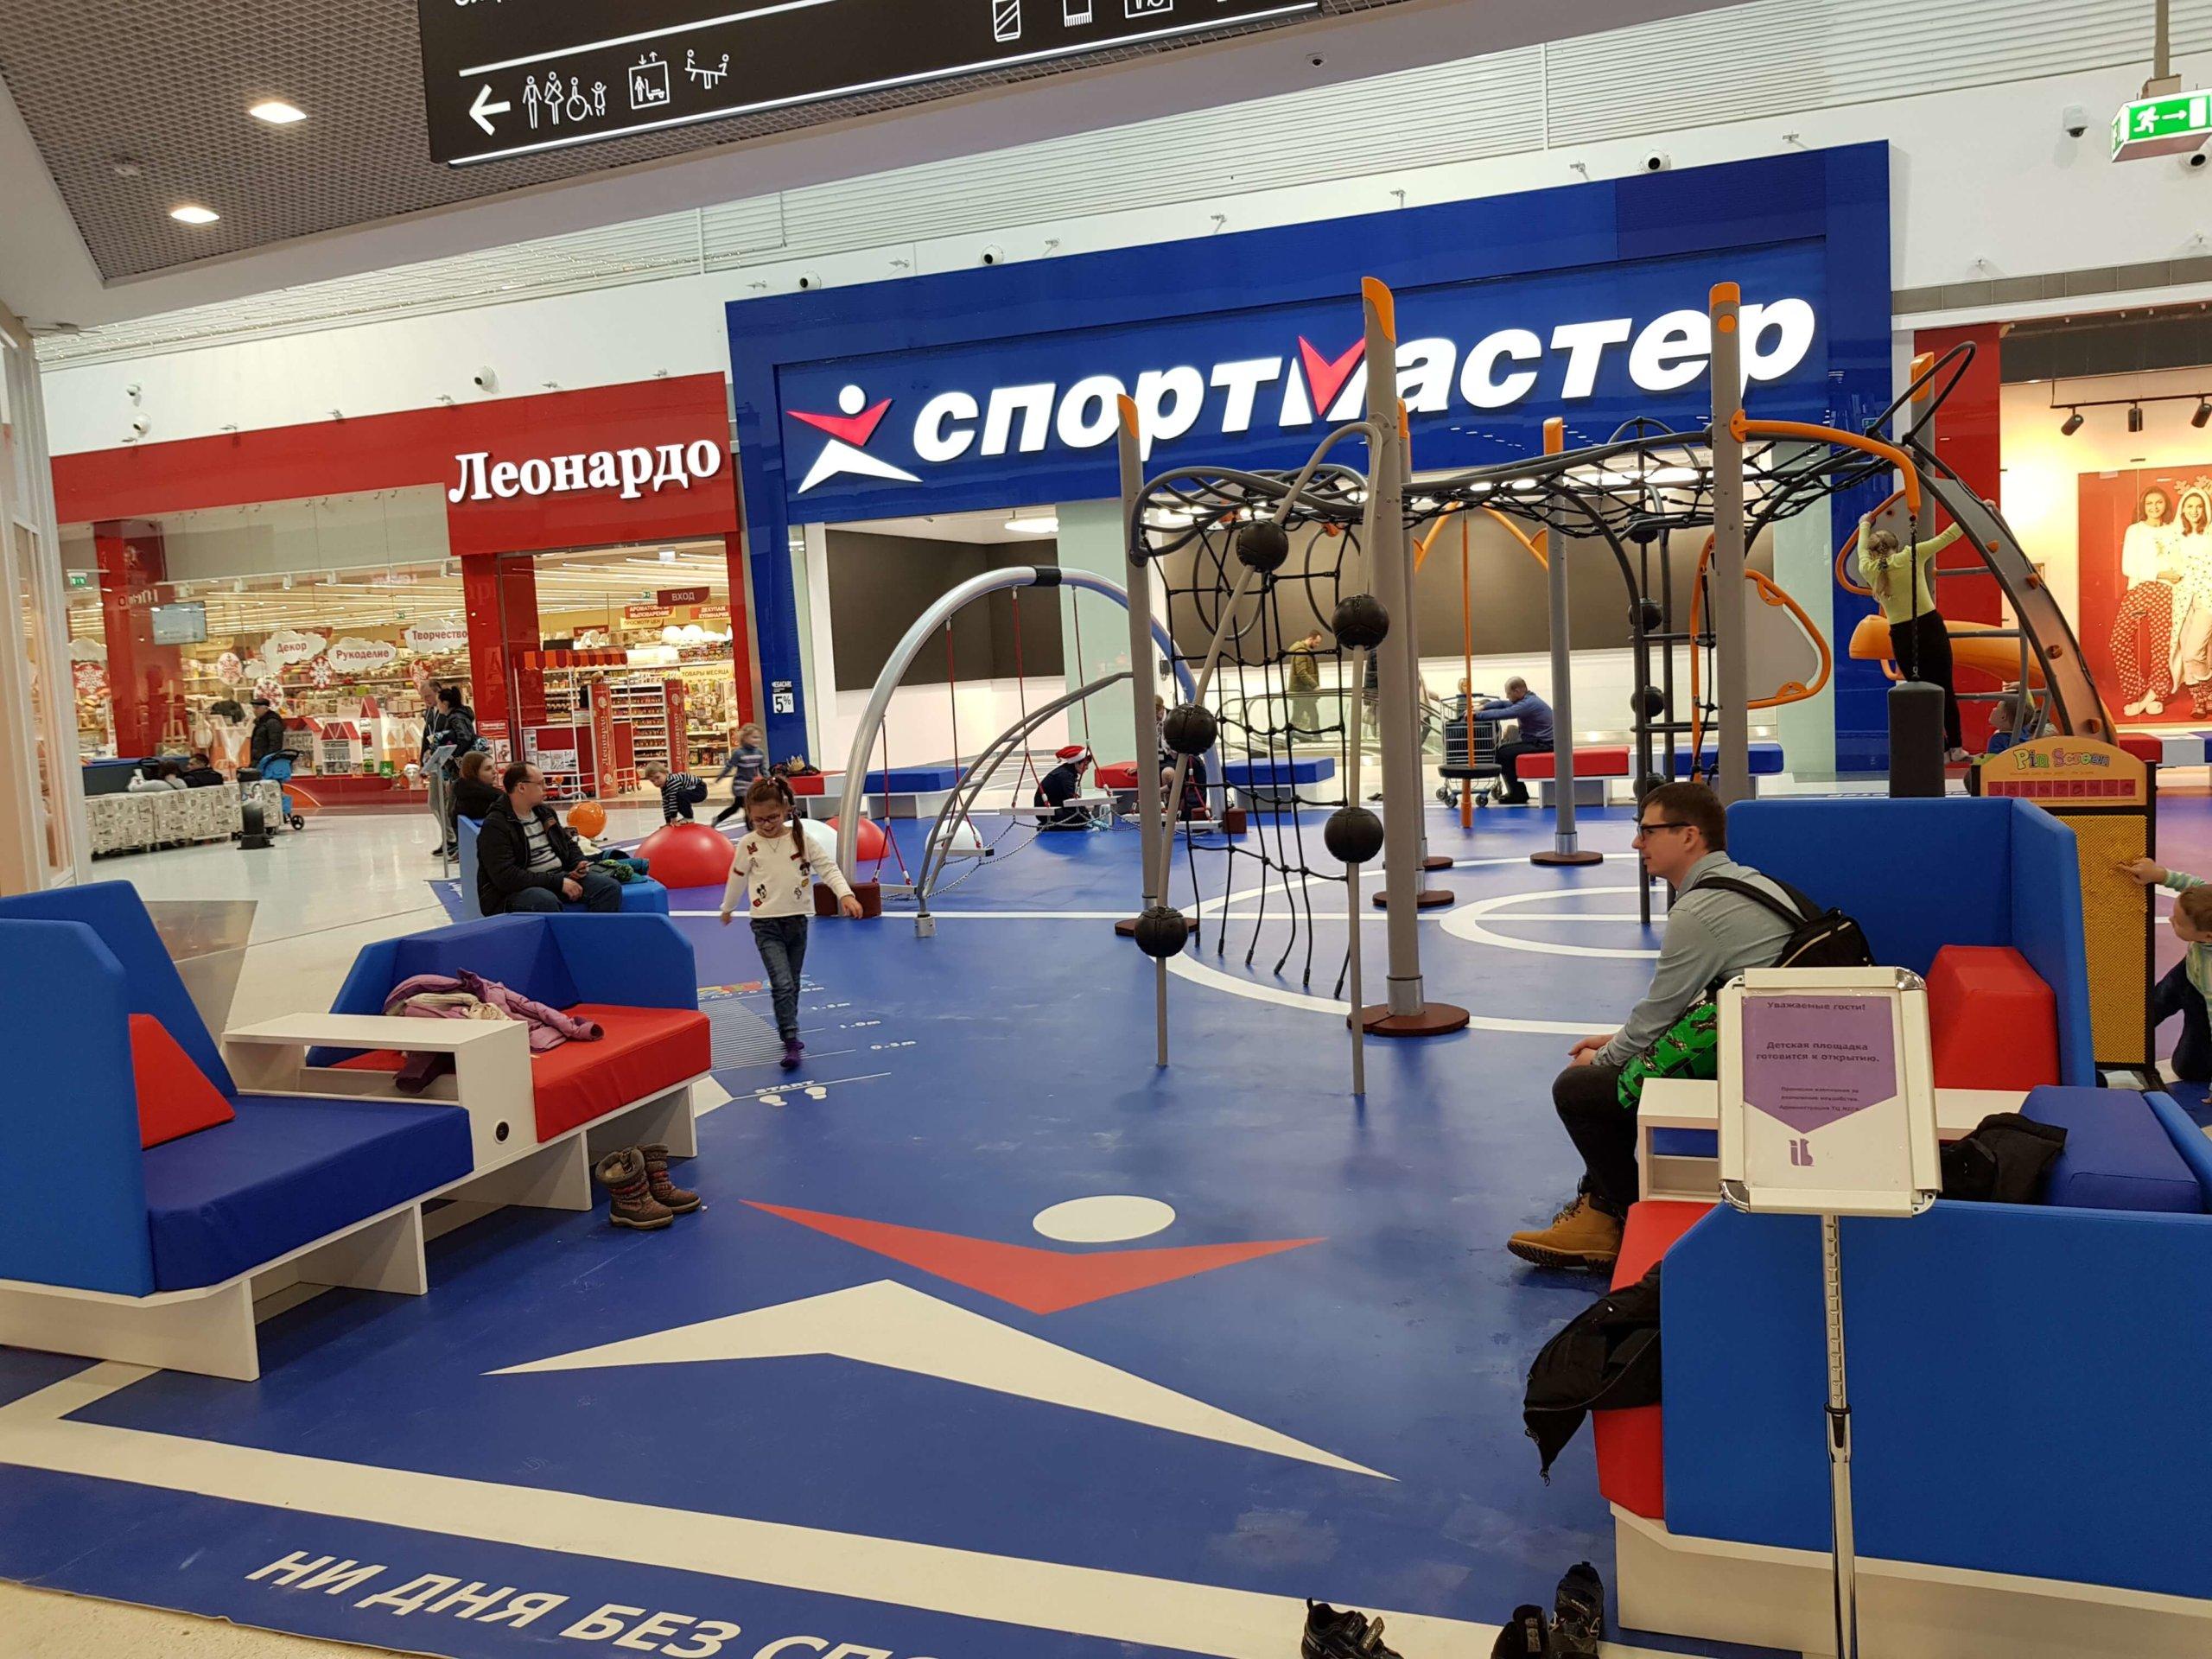 shopdesign bedruckter Boden Indoor Kinderspielplatz